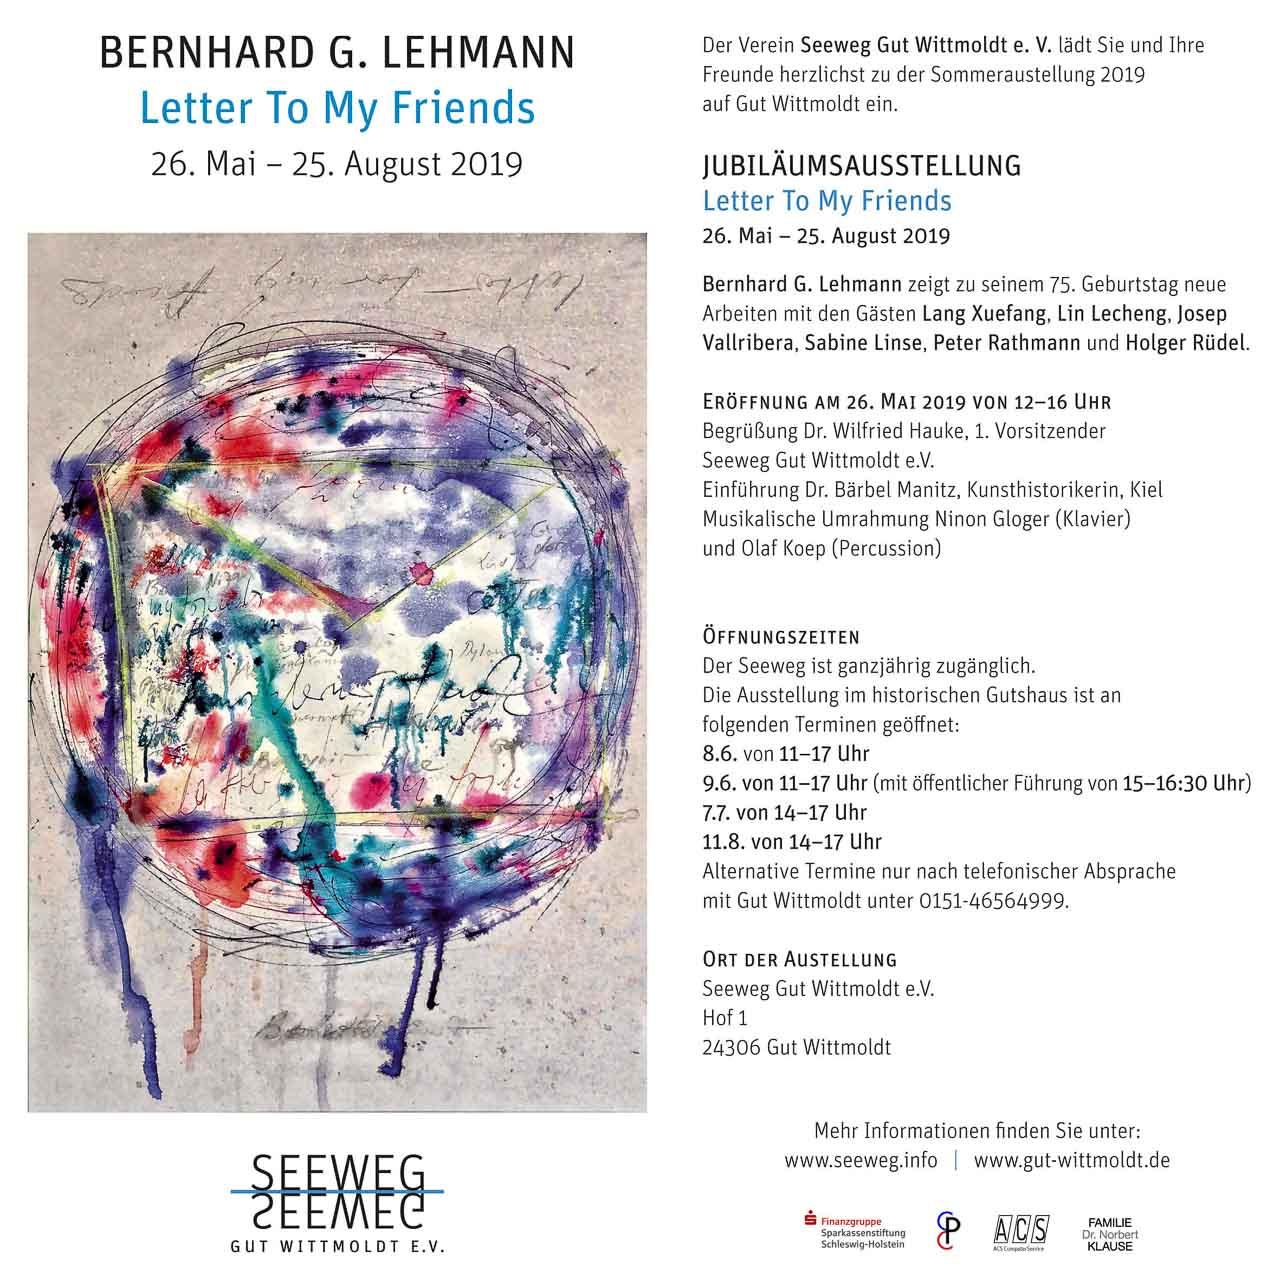 """Einladung zur Eröffnung der Ausstellung """"Letter To My Friends"""" in der Seeweg-Galerie auf Gut Wittmoldt am 26. Mai 2019"""